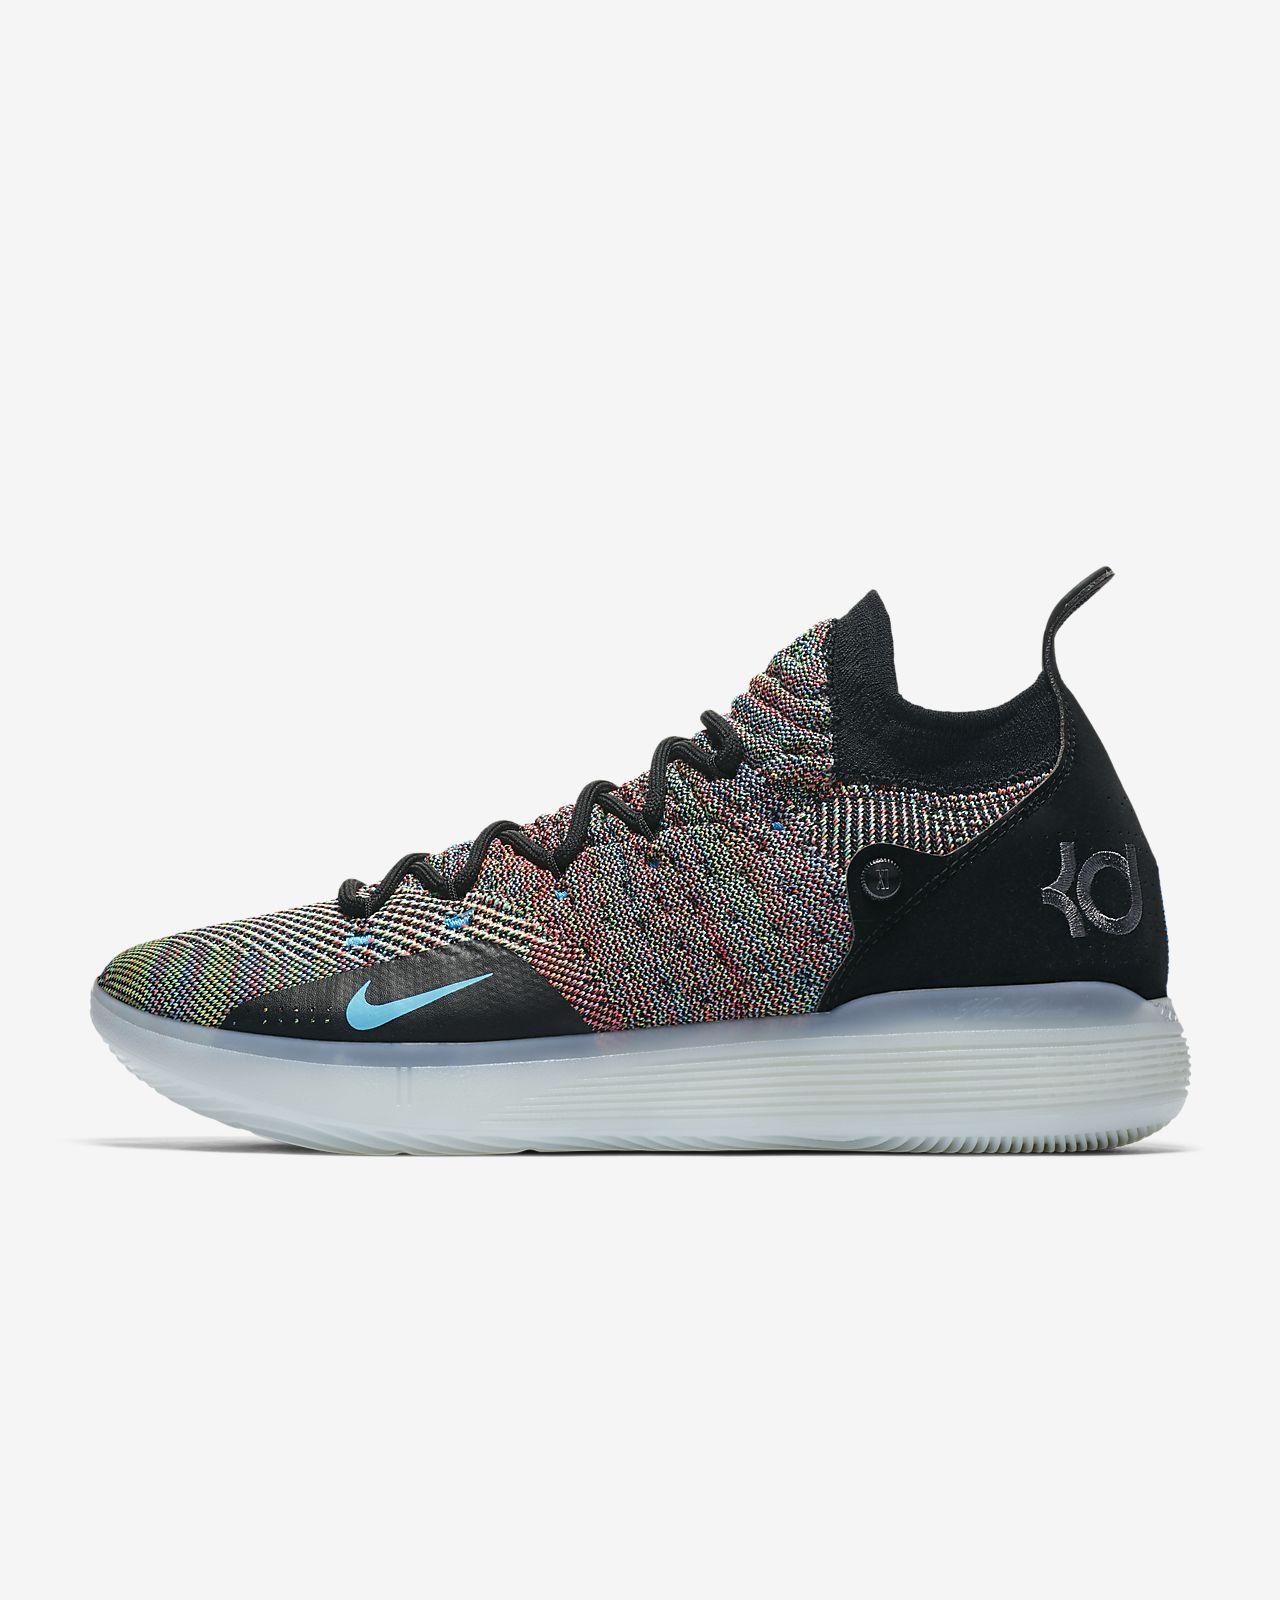 91de020f881 Nike Zoom KD11 Basketball Shoe. Nike.com GB